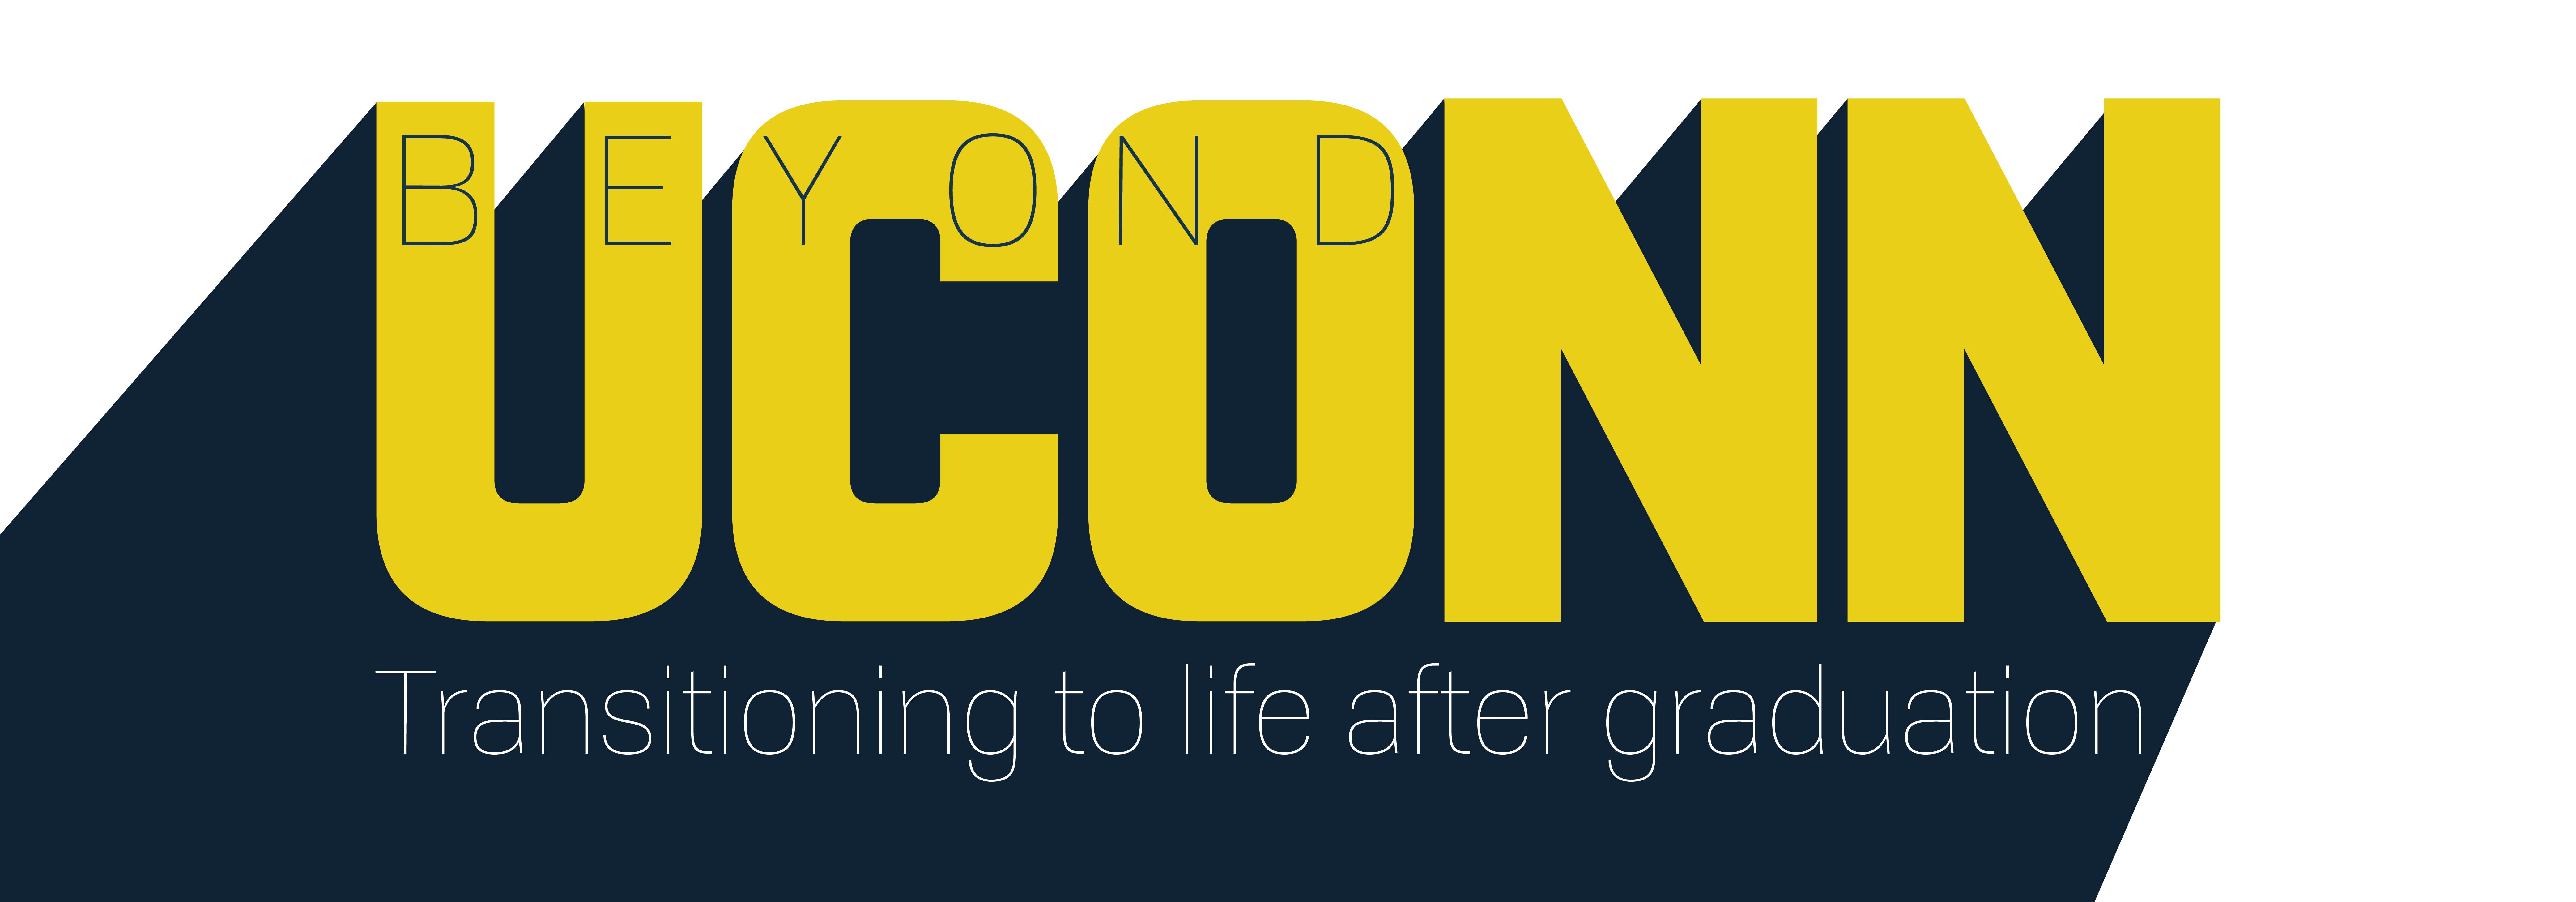 Beyond uconn uconn center for career development - Uconn center for career development ...